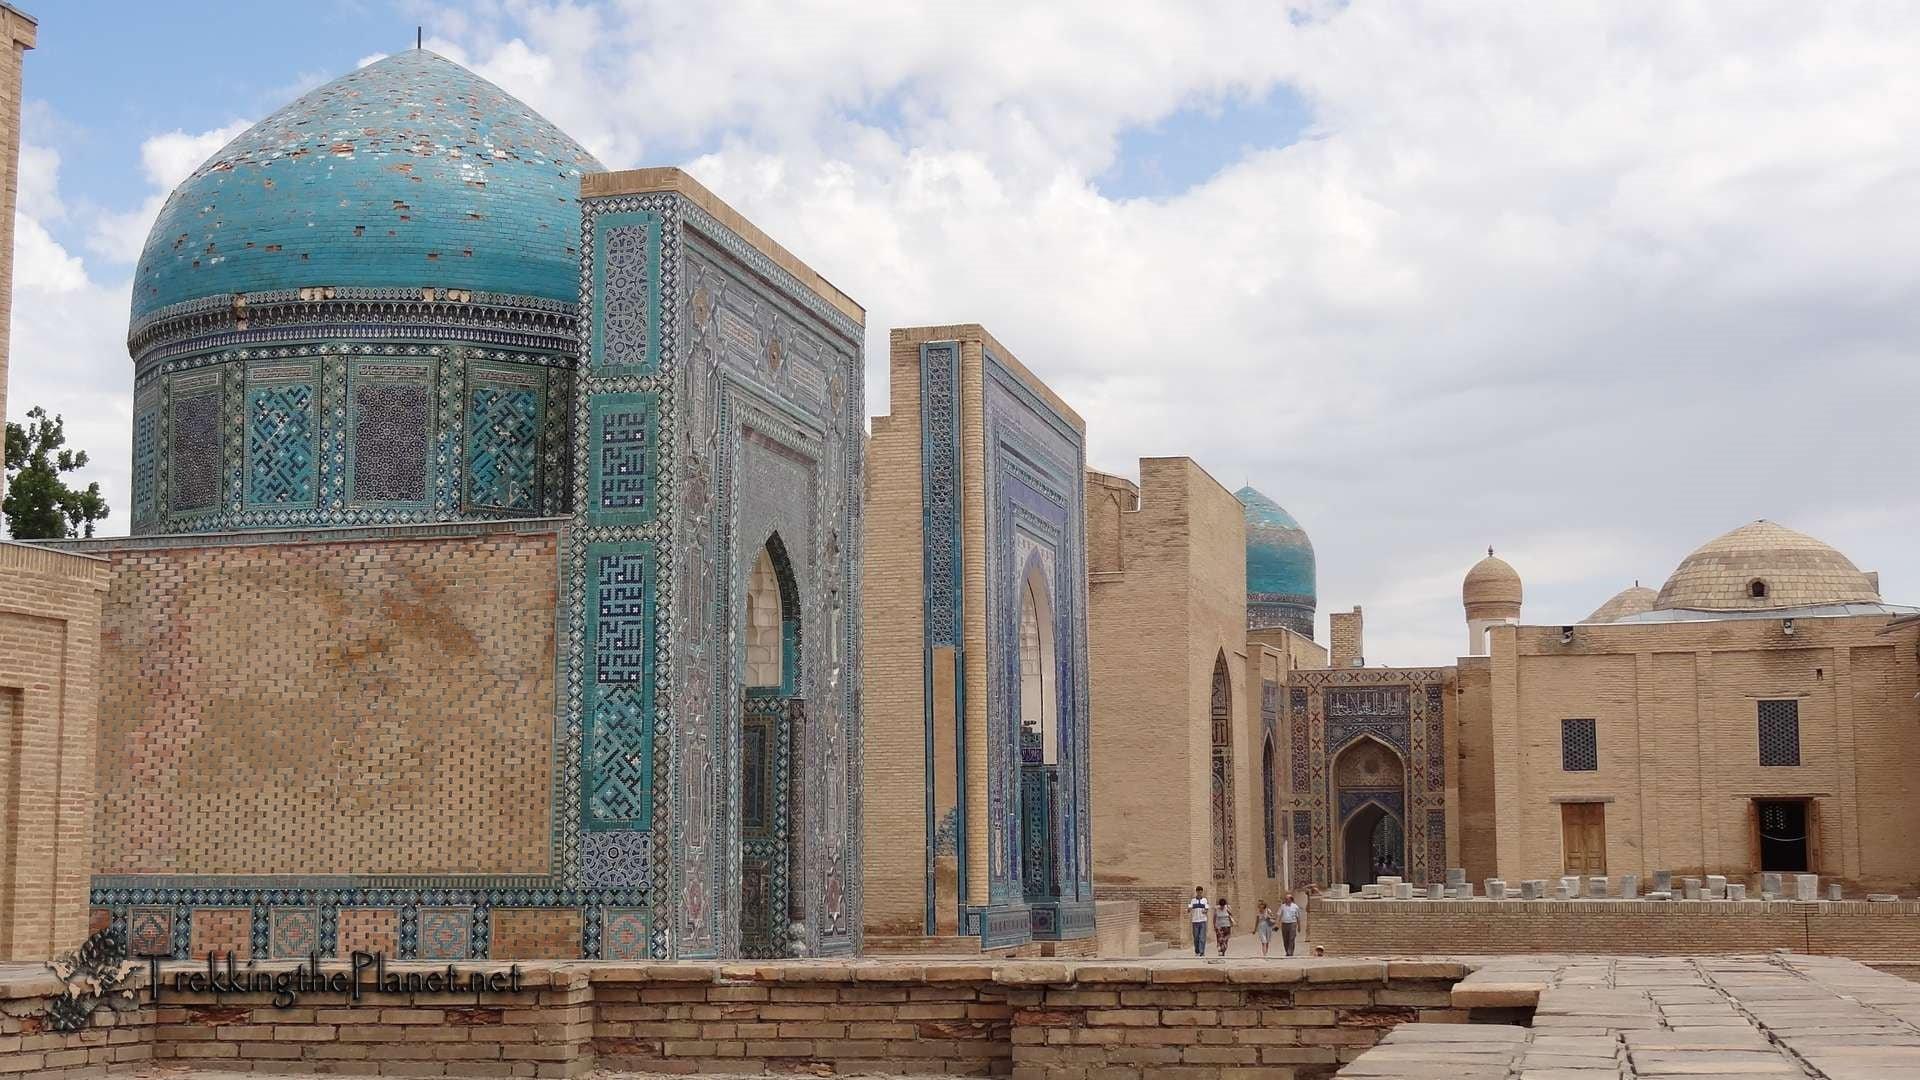 Shah-i Zinda - nghĩa địa huyền bí bậc nhất thế giới